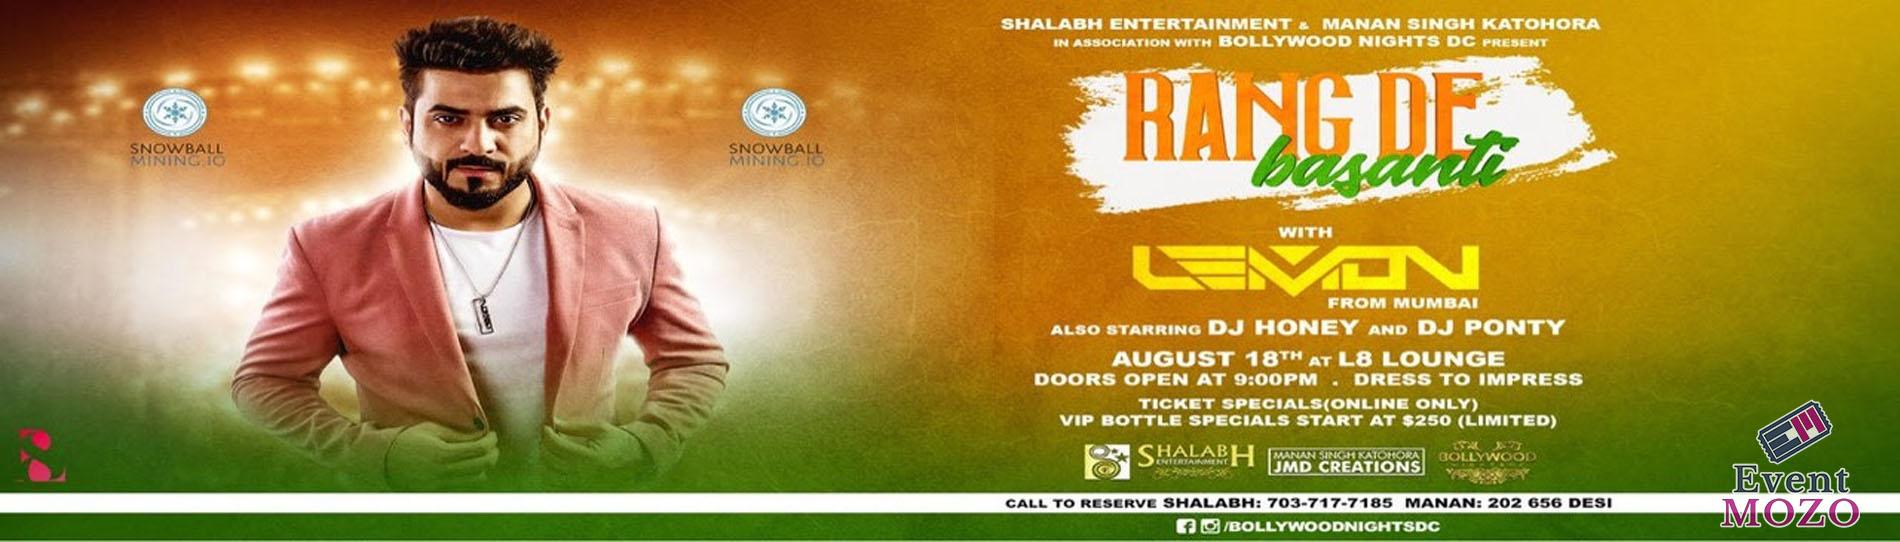 EventMozo Bollywood Party - Rang De Basanti